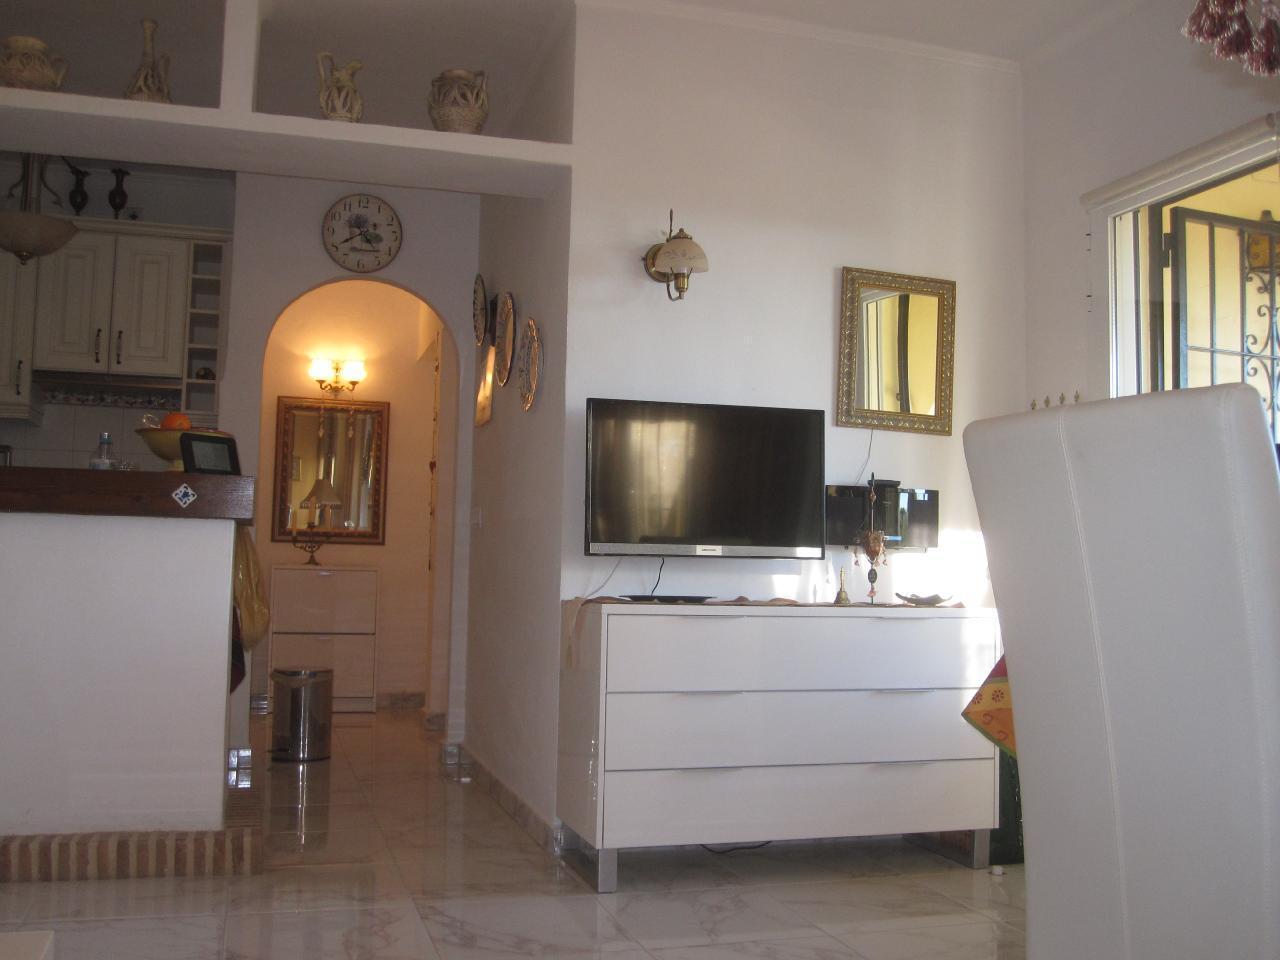 Ferienhaus Komfortabler Meerblick-Bungalow mit Aircondition und Internet in Moraira-Teulada (1696168), Moraira, Costa Blanca, Valencia, Spanien, Bild 14